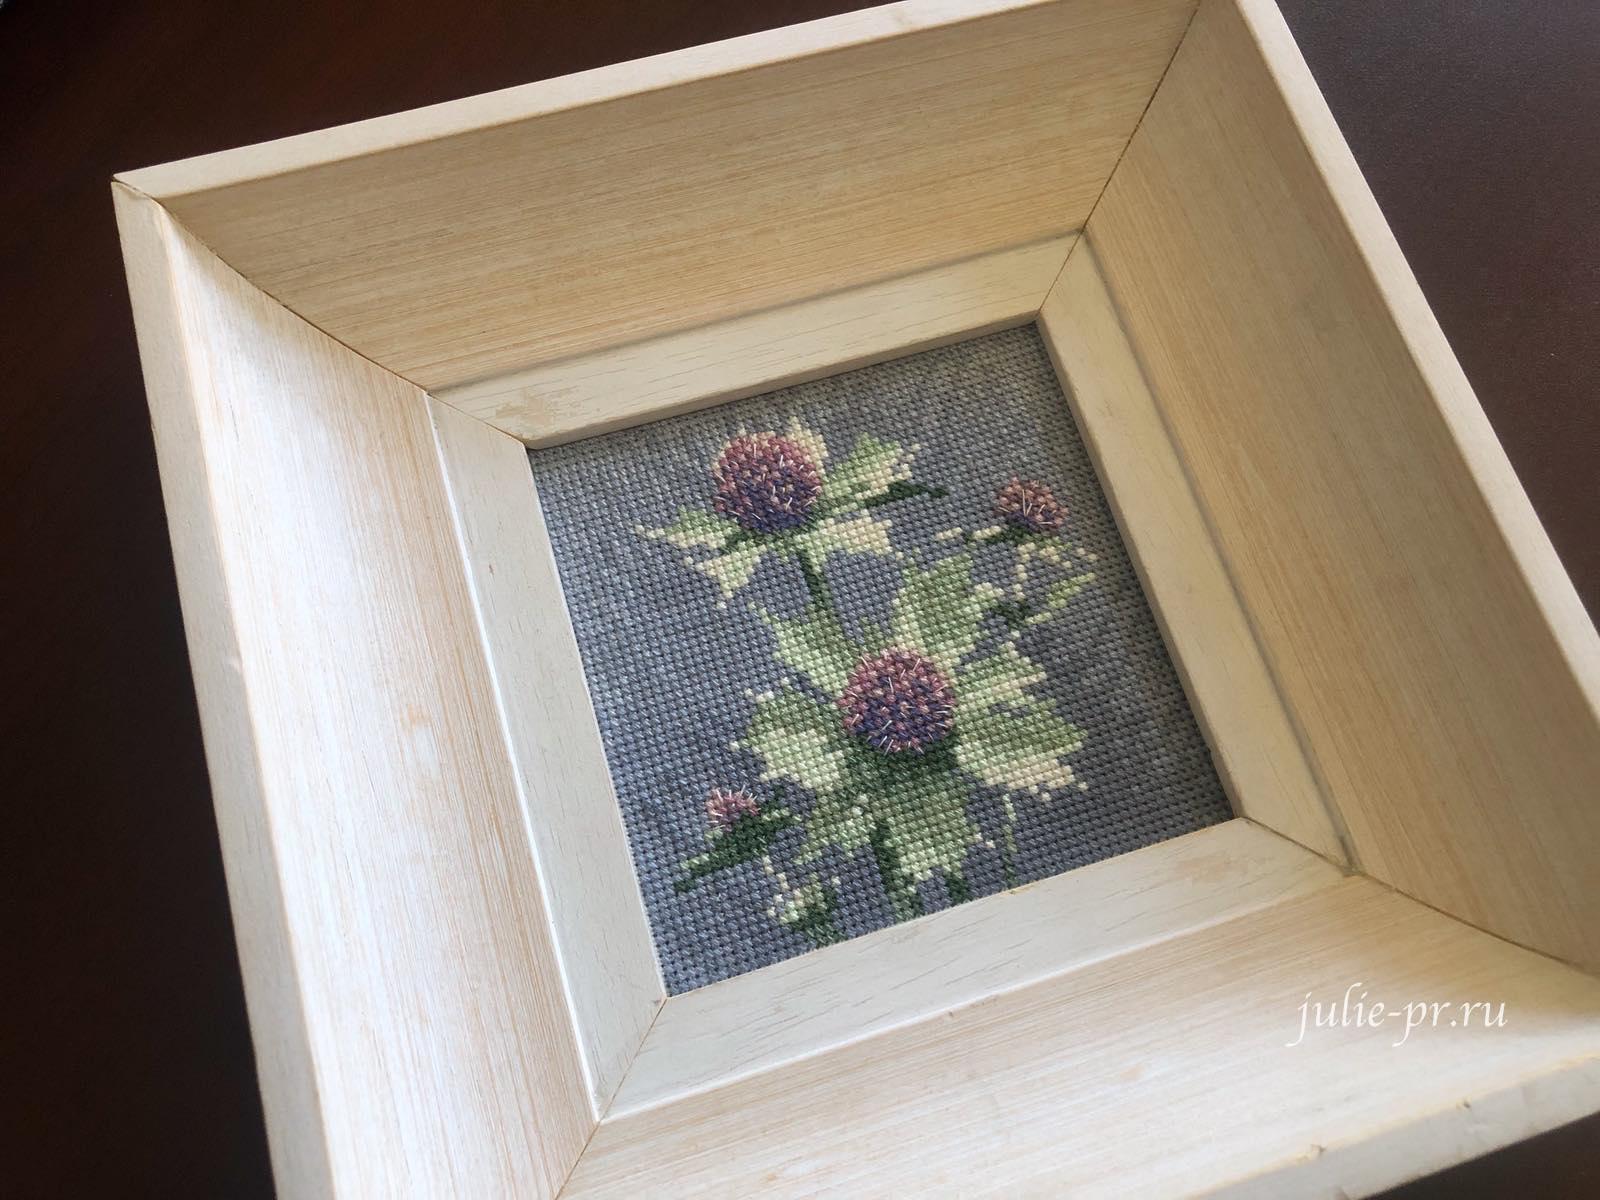 Mini Sea Holly, Синеголовик приморский, чертополох, вышивка крестом, Heritage, John Clayton, выставка Грани Джона Клейтона